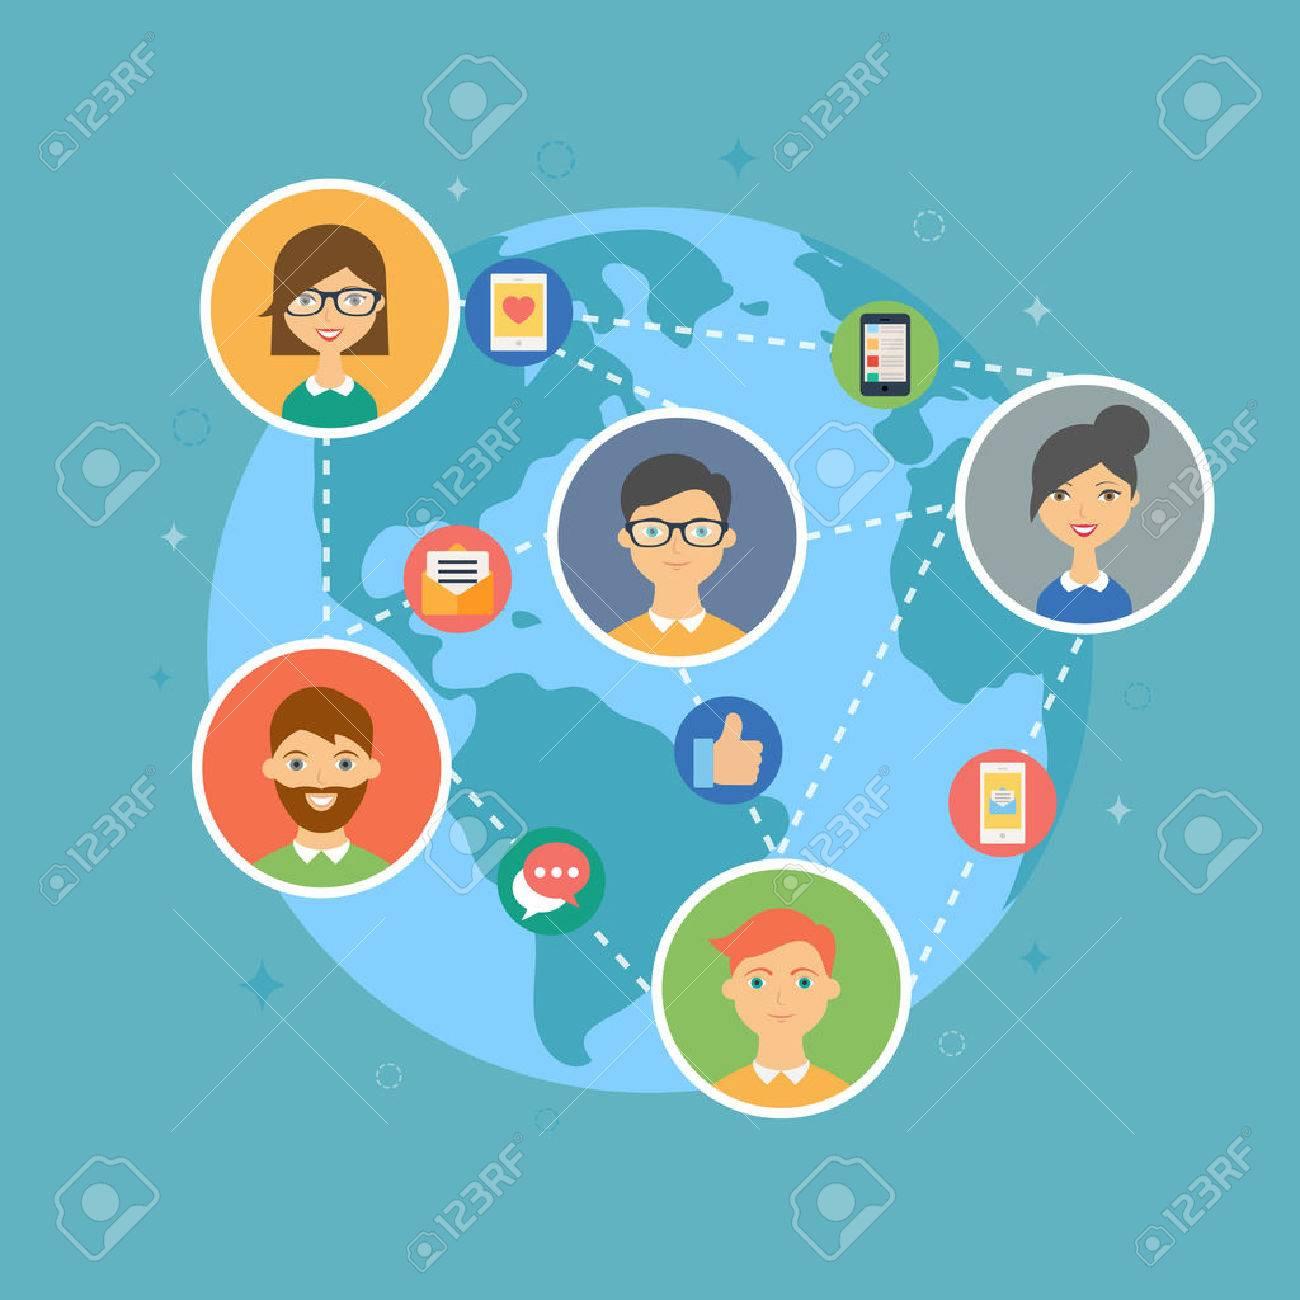 Social media marketing concept illustration - 31766965